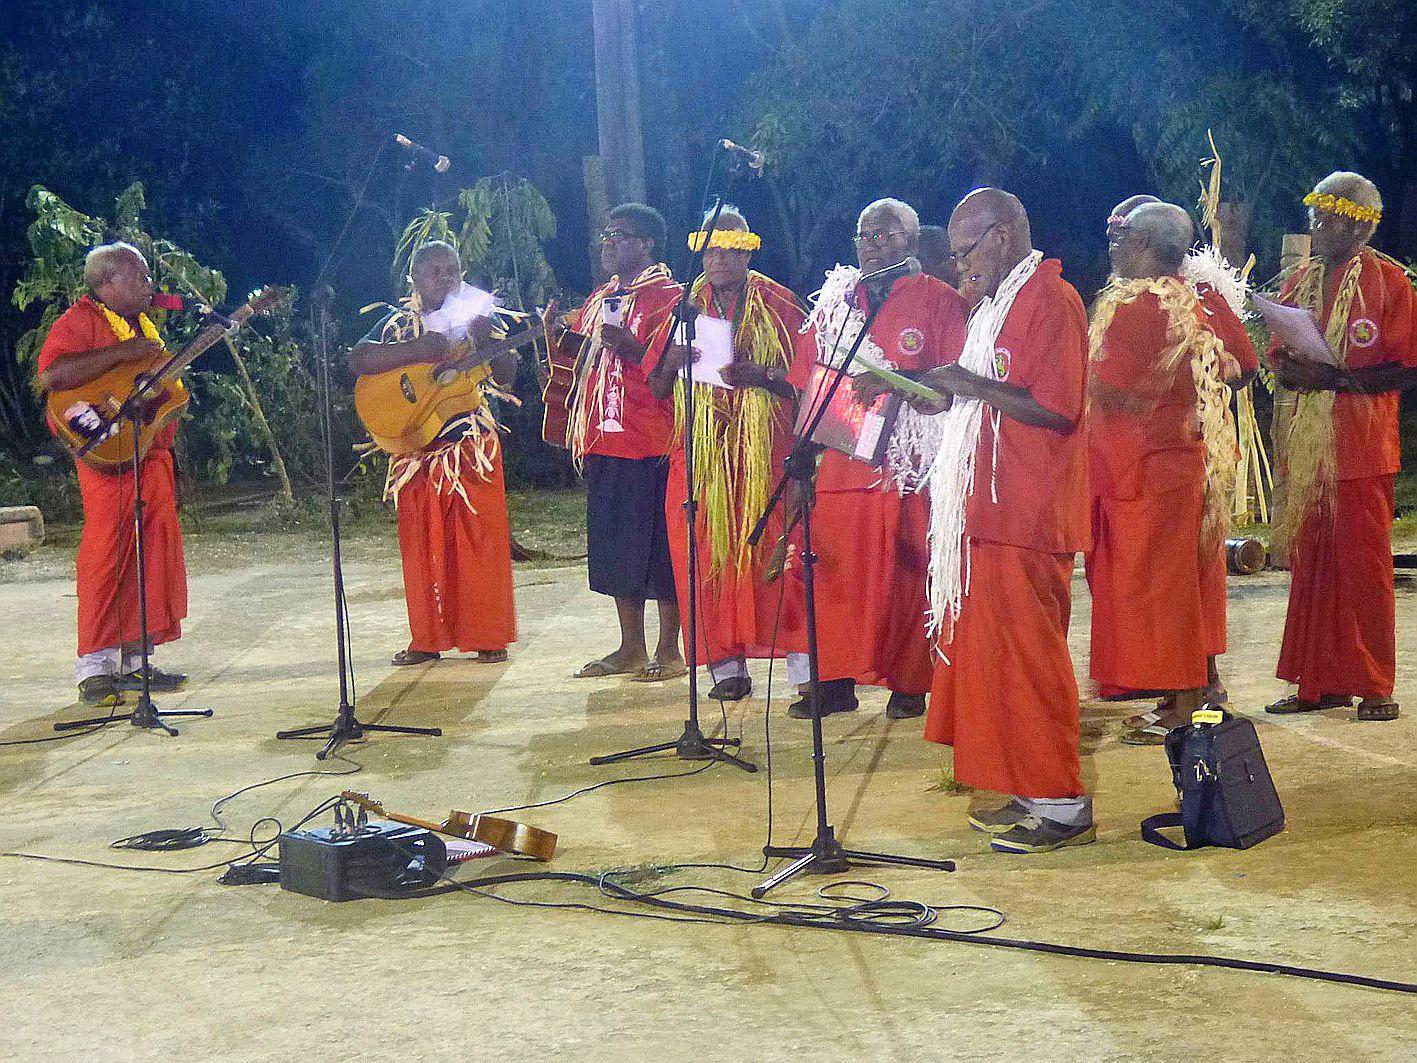 La chorale de Kumo Nene Wetr a été la première à entrer en scène. Elle se compose d'anciens, dont les âges varient de 65 à 80 ans.